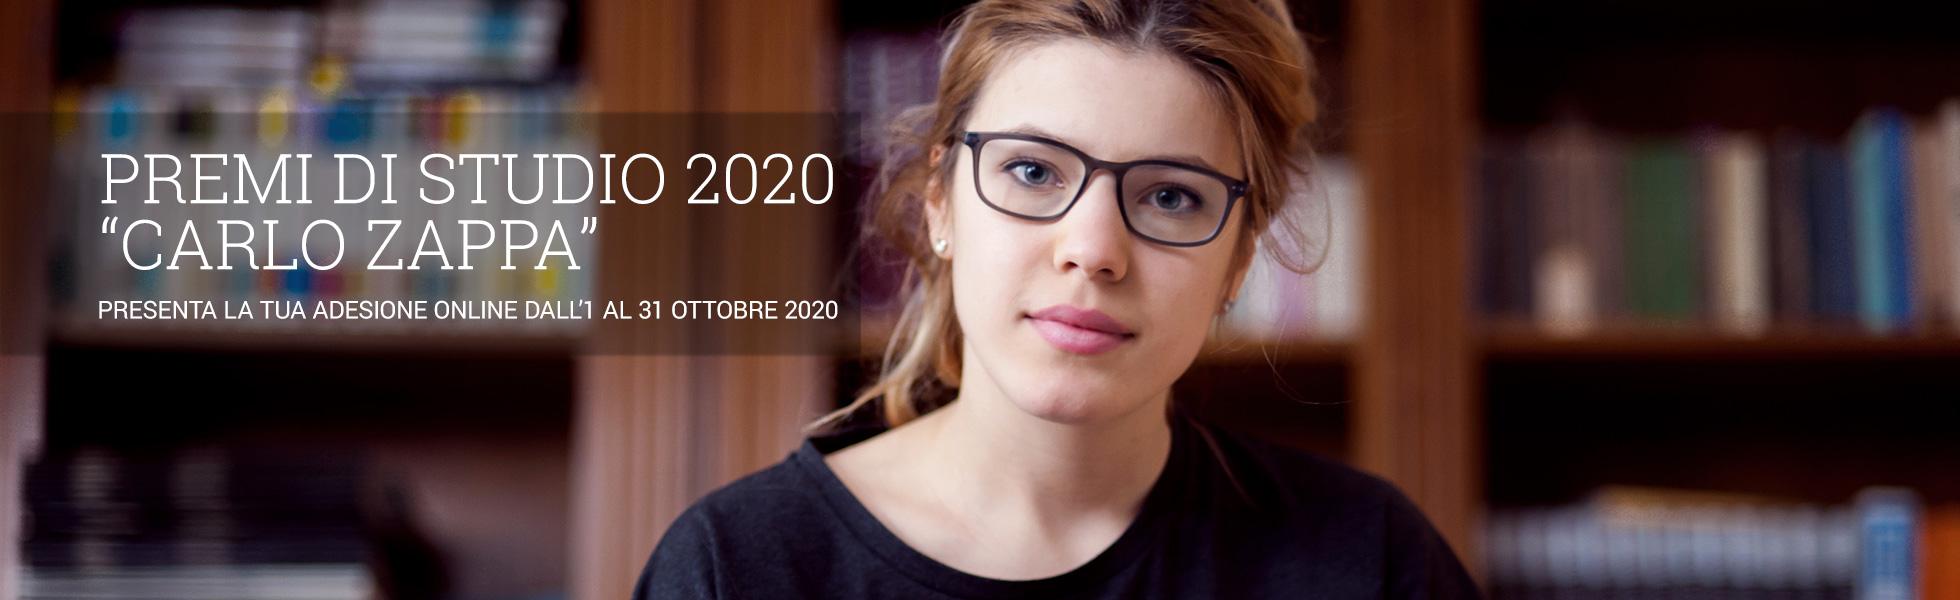 Premi di Studio 2020 Banner